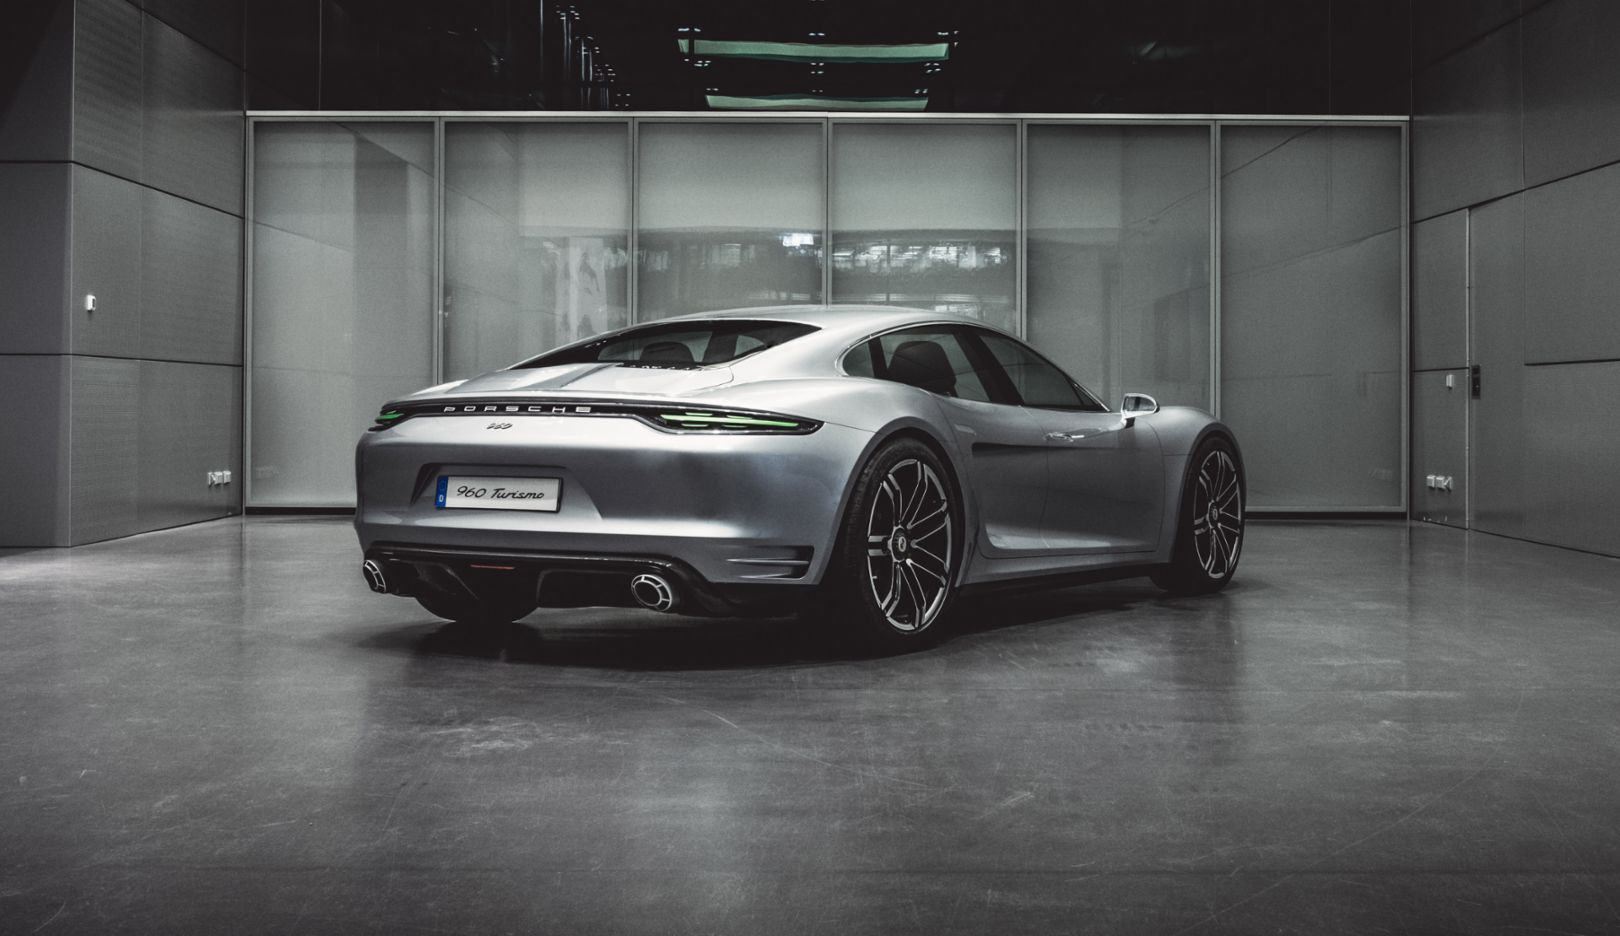 Porsche Unseen: What's next? - Image 3